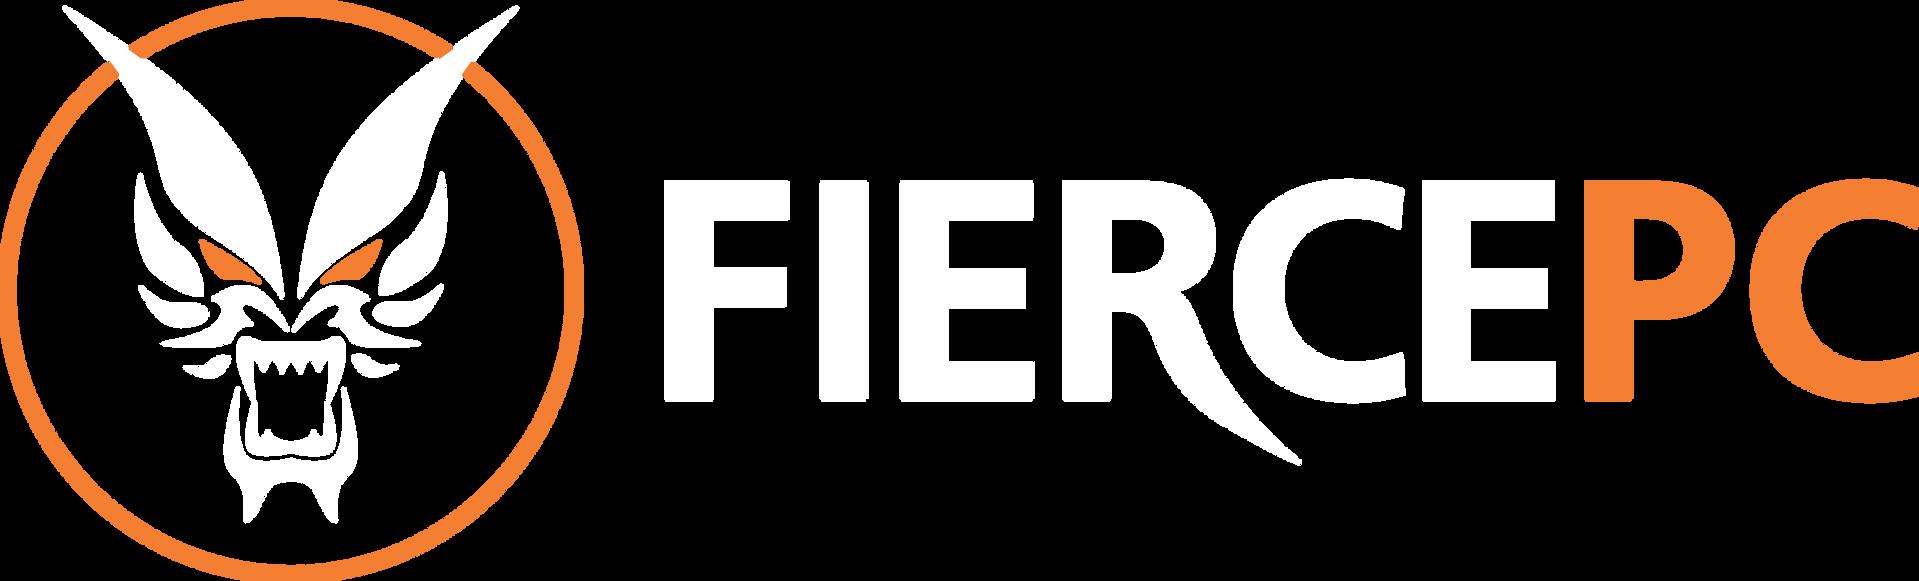 FiercePC_White_Horizontal.png